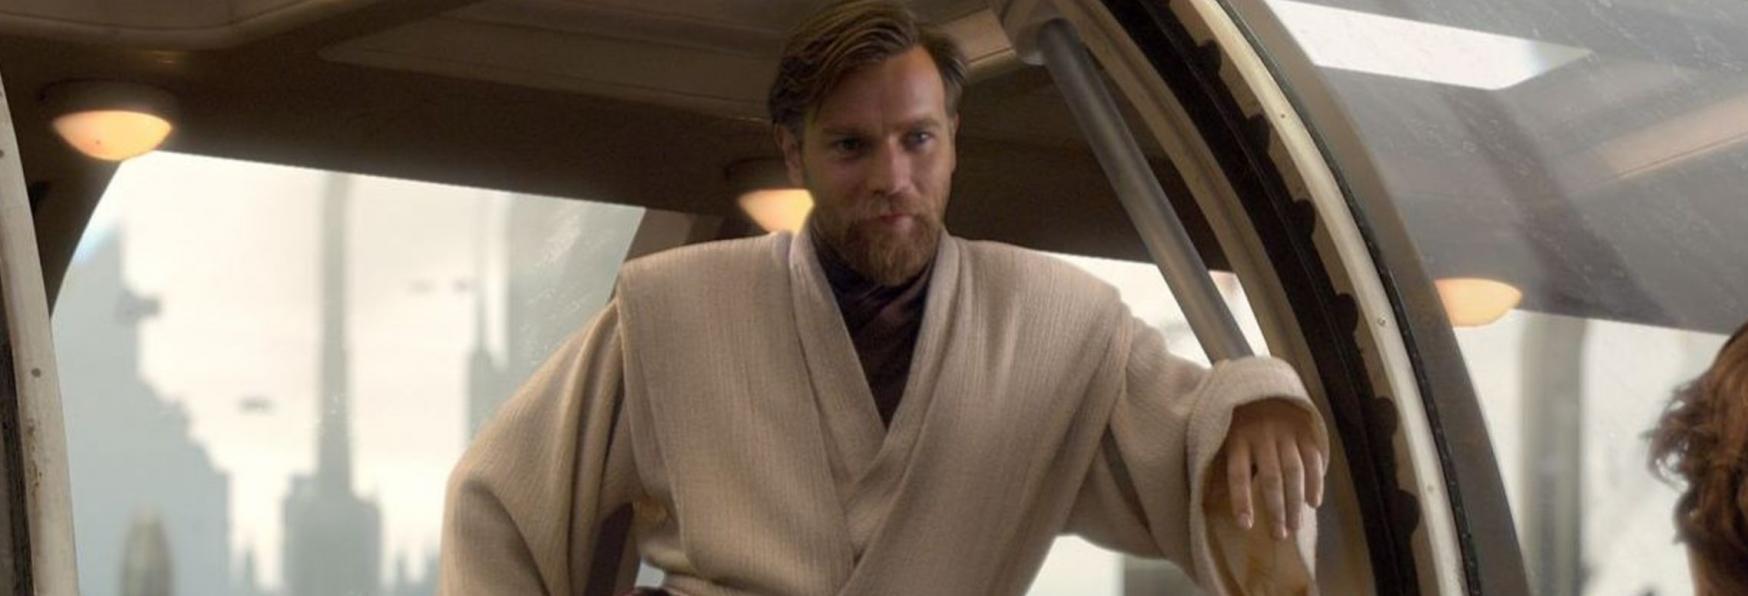 Obi-Wan Kenobi: Ewan McGregor annuncia quando inizieranno le Riprese della nuova Serie TV